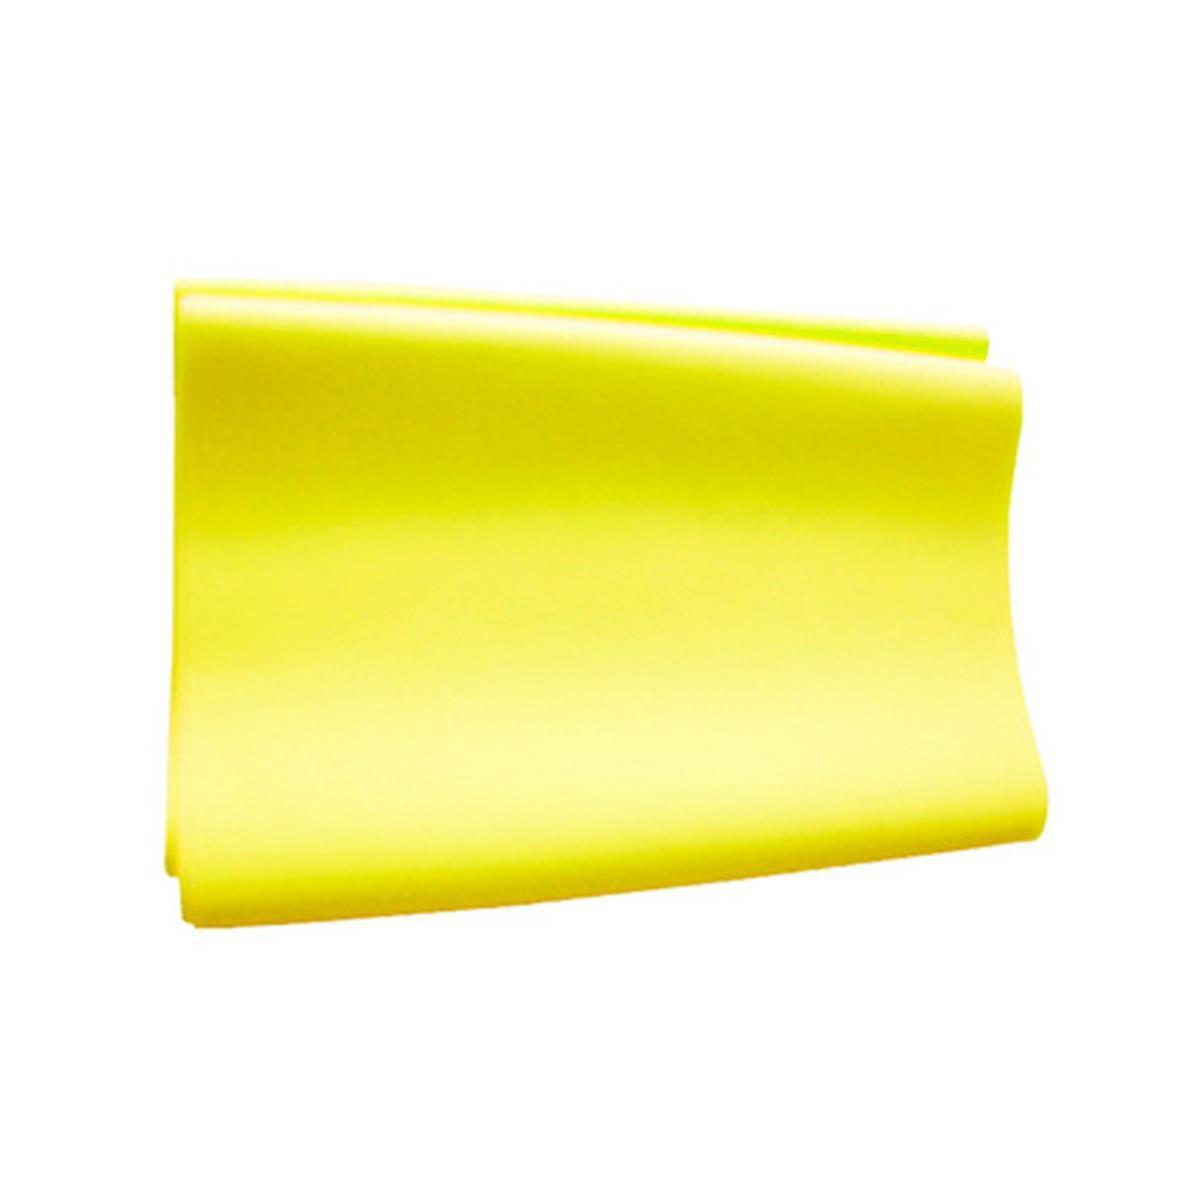 Faixa Elástica Thera Band - Amarelo Suave - 1M - Exercícios E Fisioterapia De Reabilitação